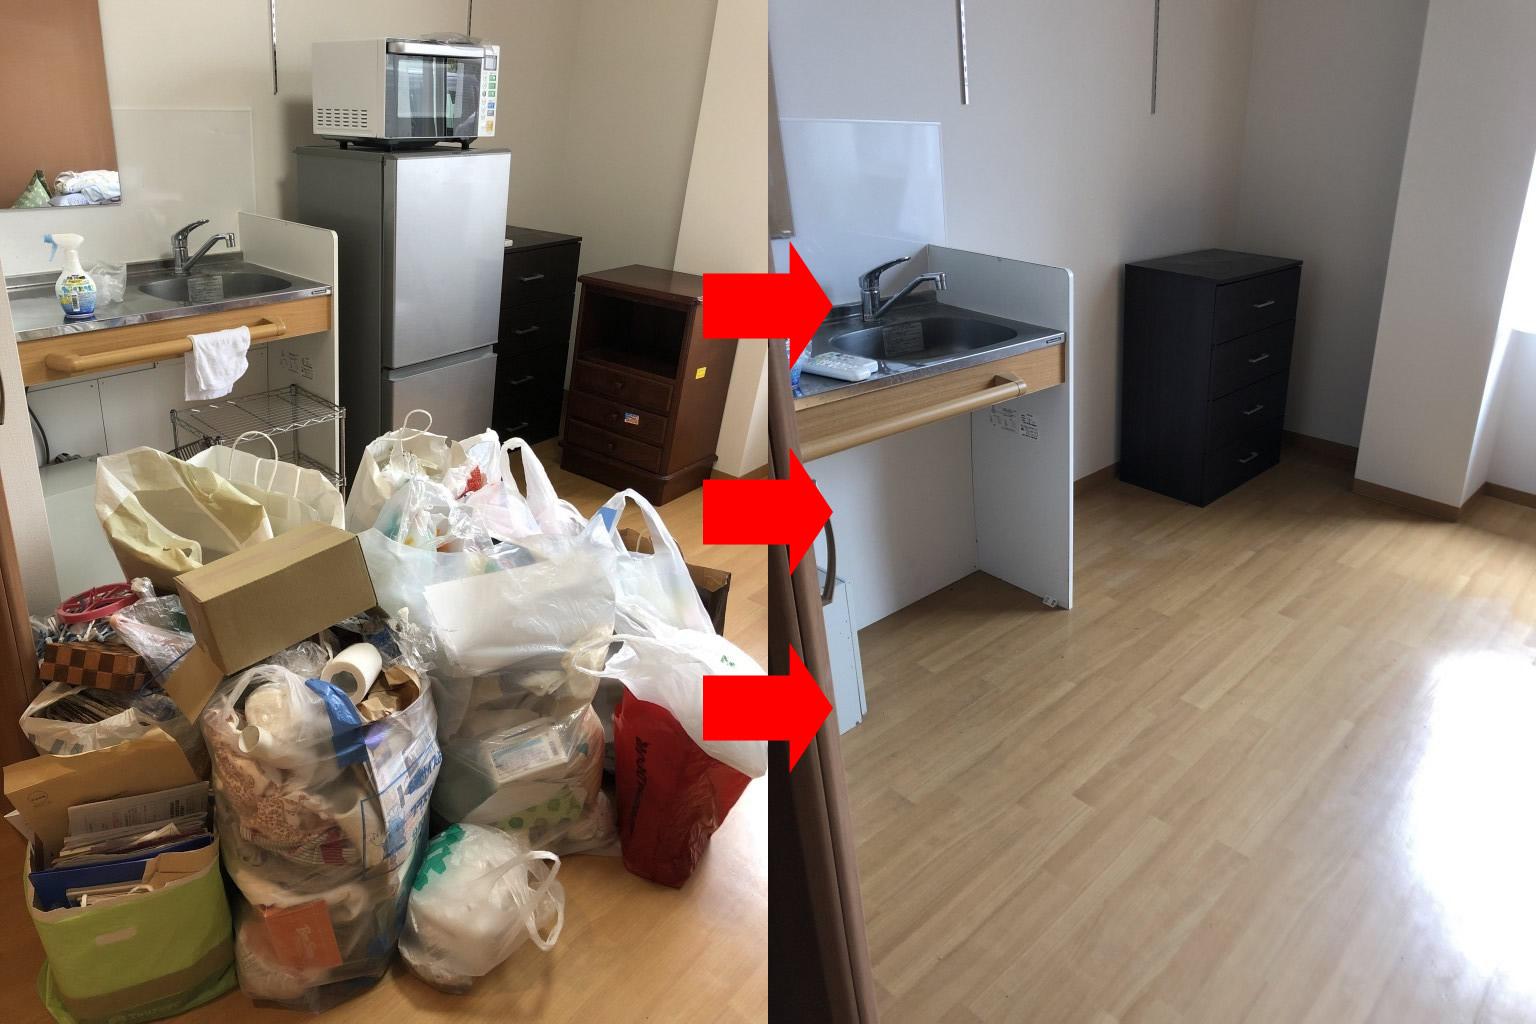 【熊本市北区】遺品整理に伴う家具家電、家庭ゴミなどの回収